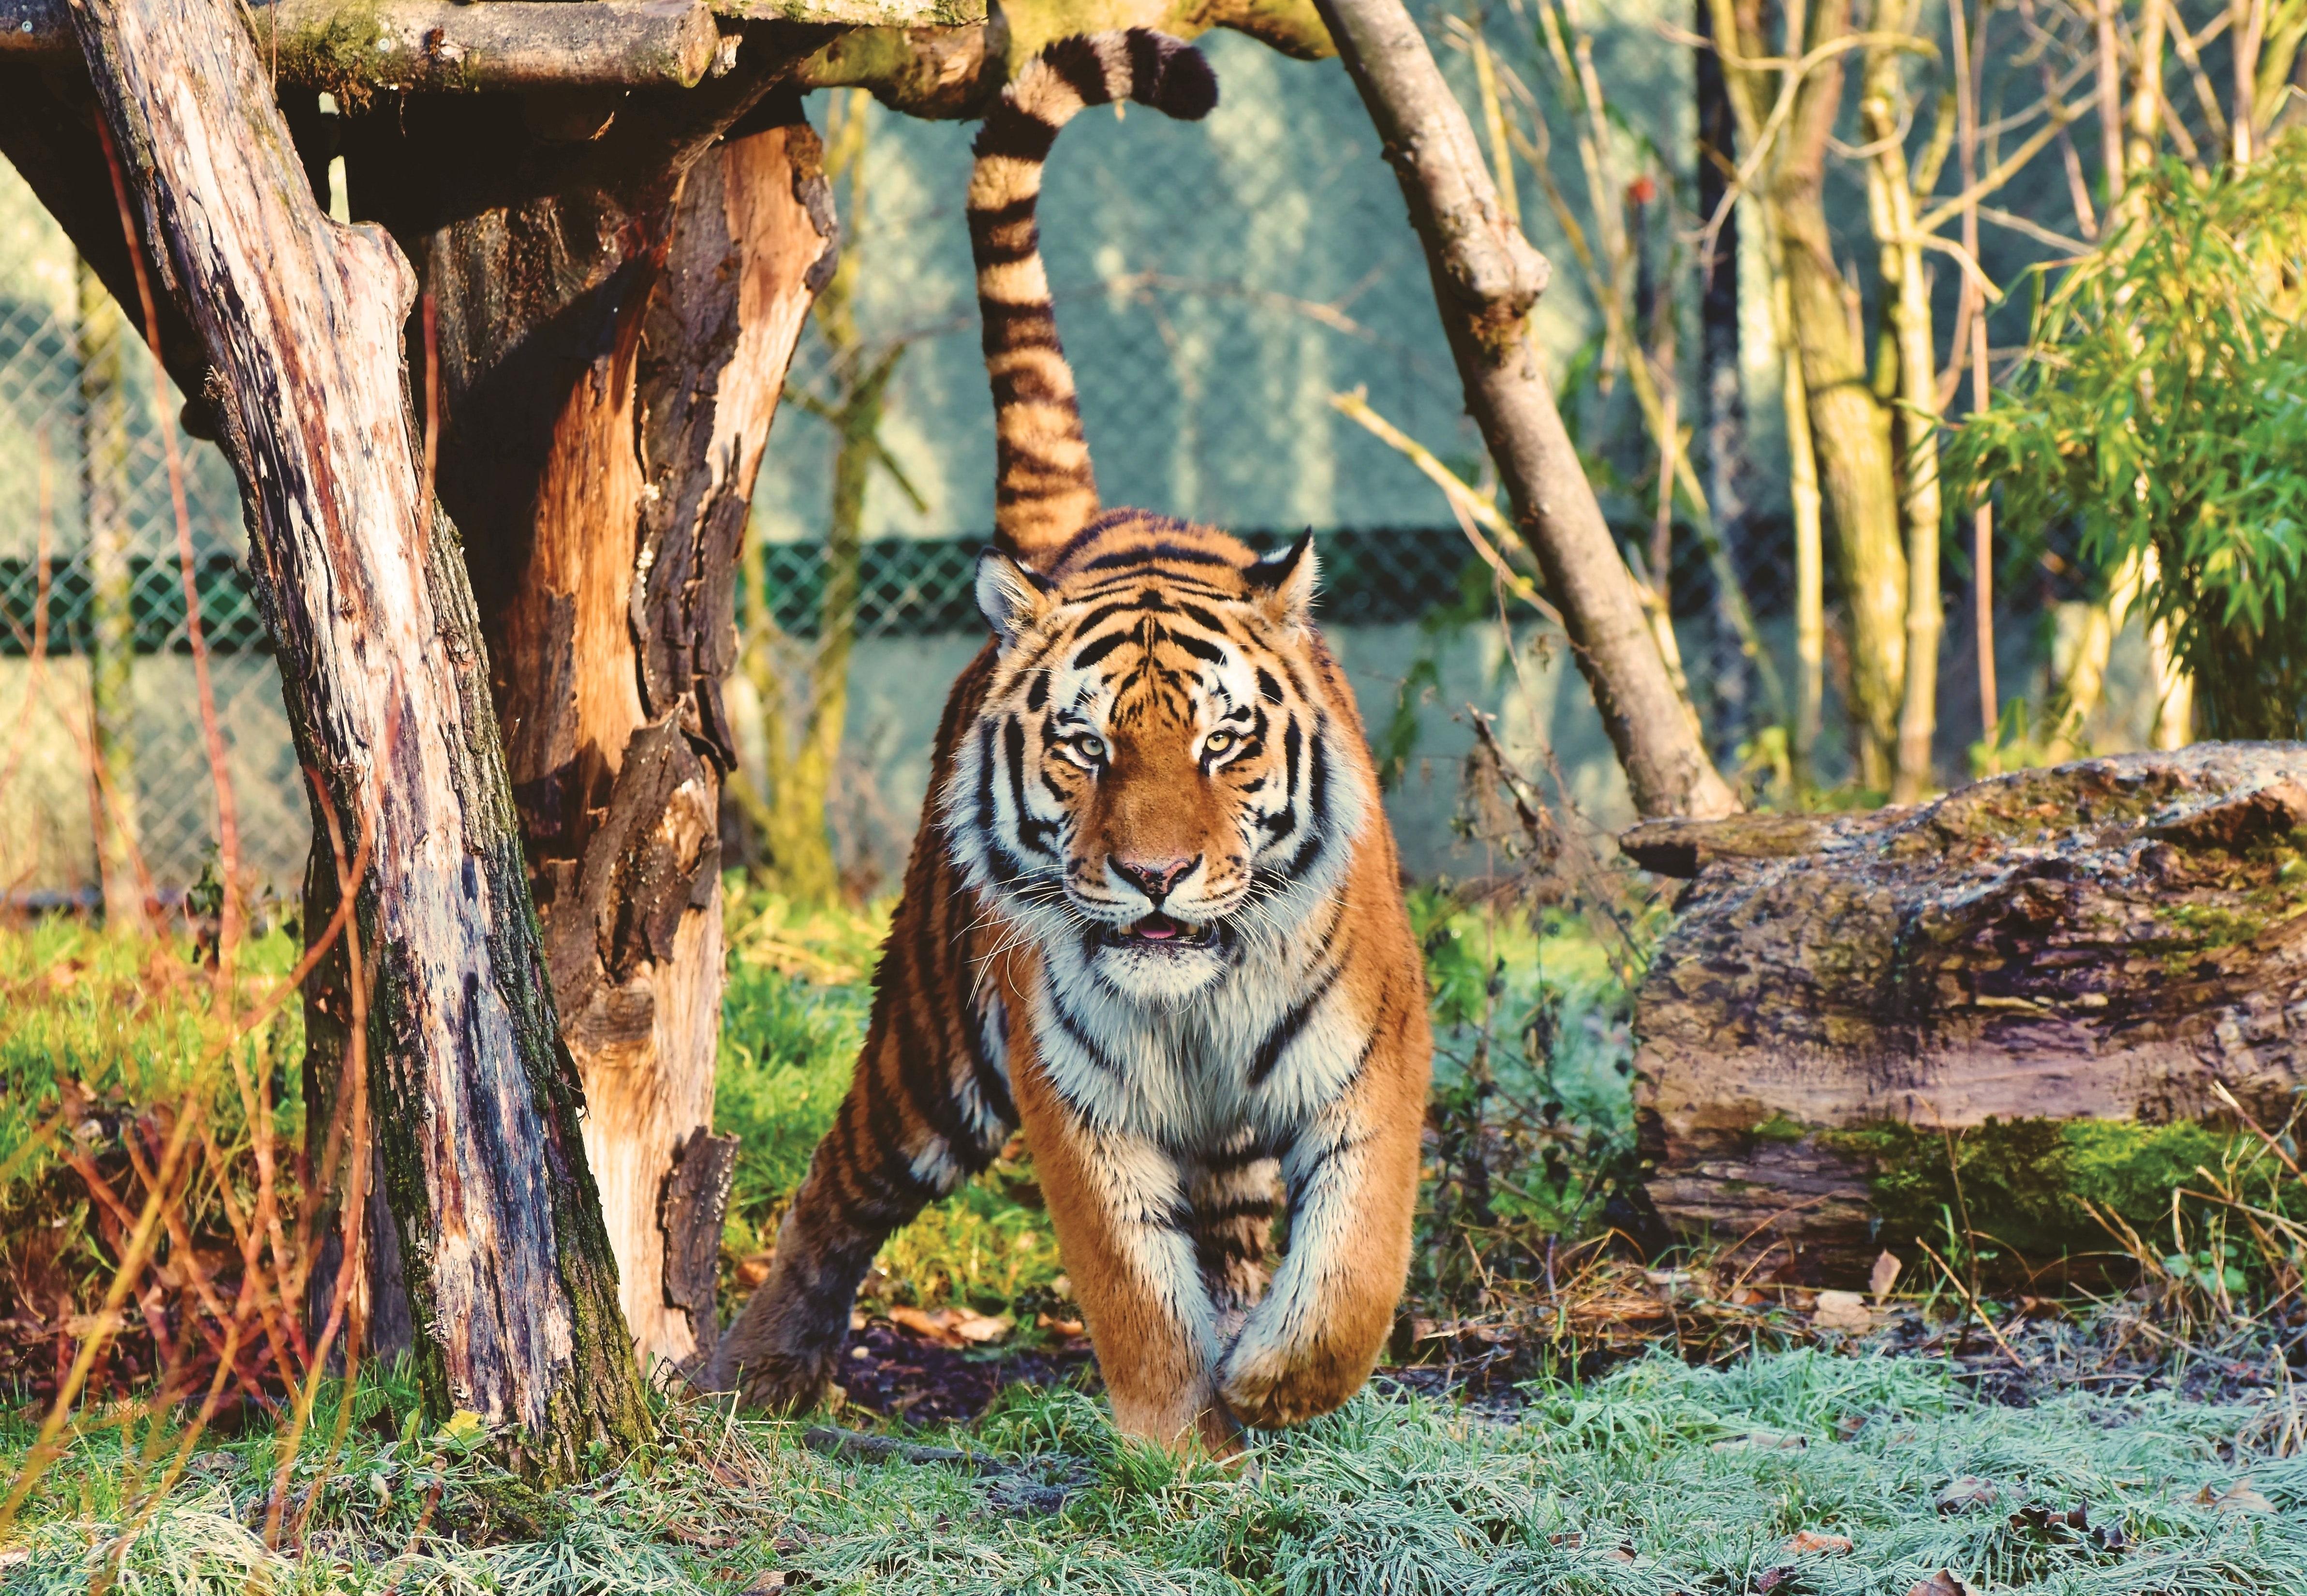 一名男子在夜裡會把自己看成老虎,這可能是一種大腦失調病症。示意圖。(Pexels)